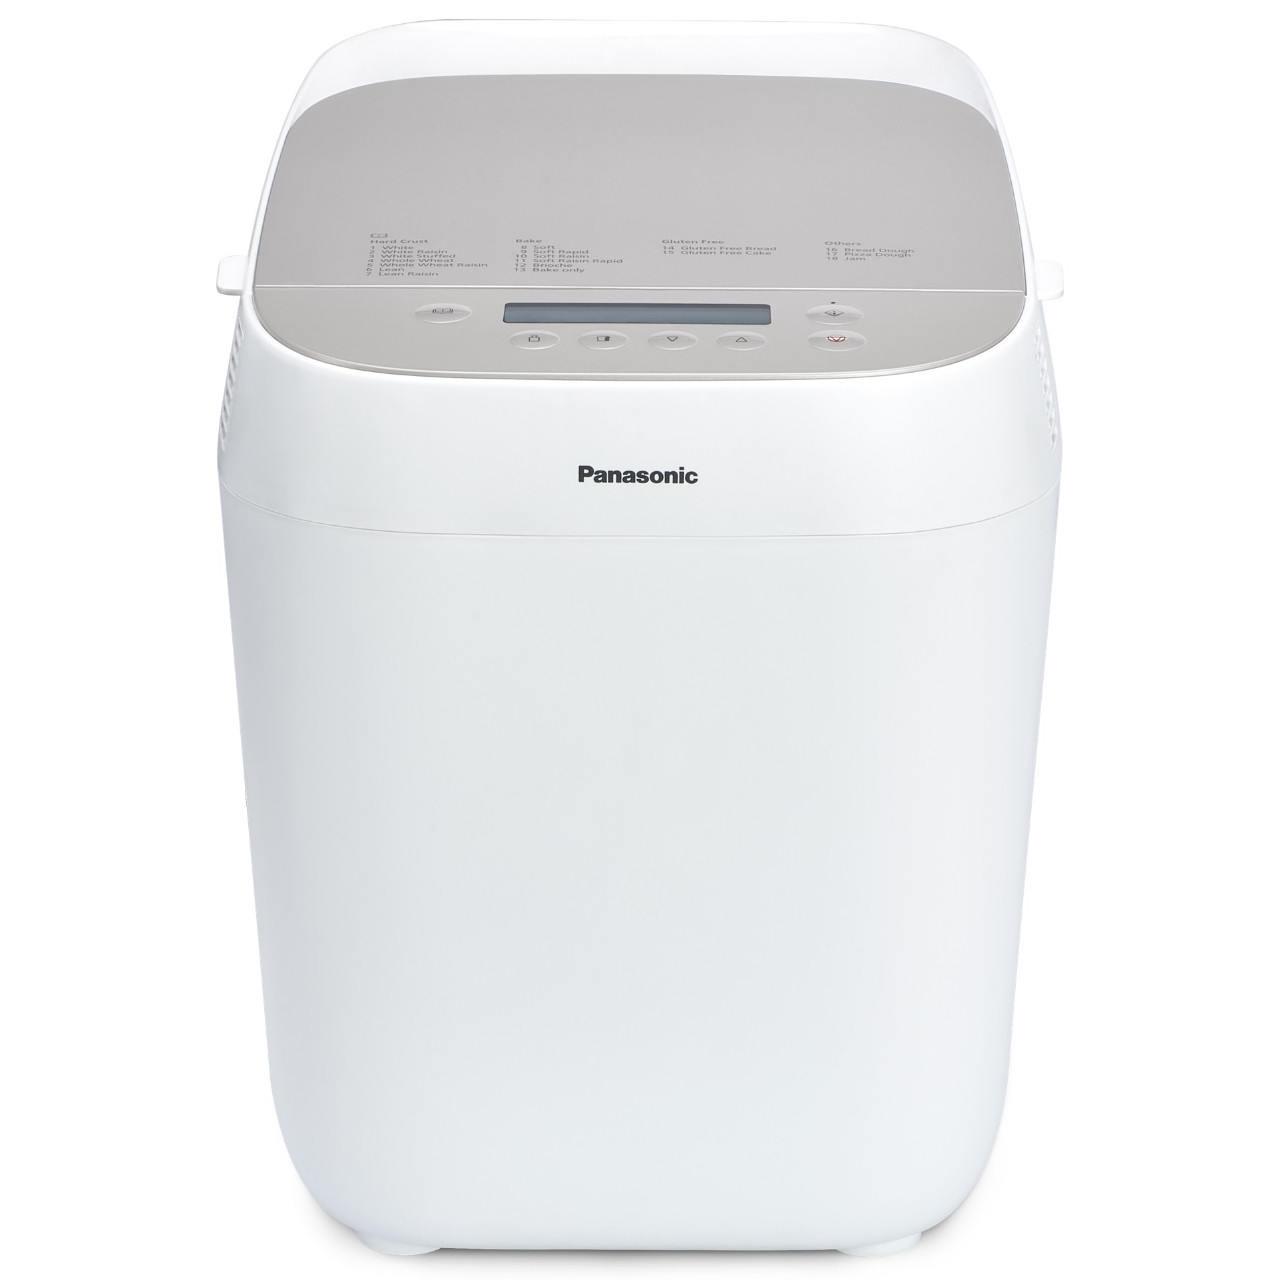 Testsieger und sehr gut im Test von Haus & Garten Test 6/2018: Panasonic Brotbackautomat SD-ZP2000